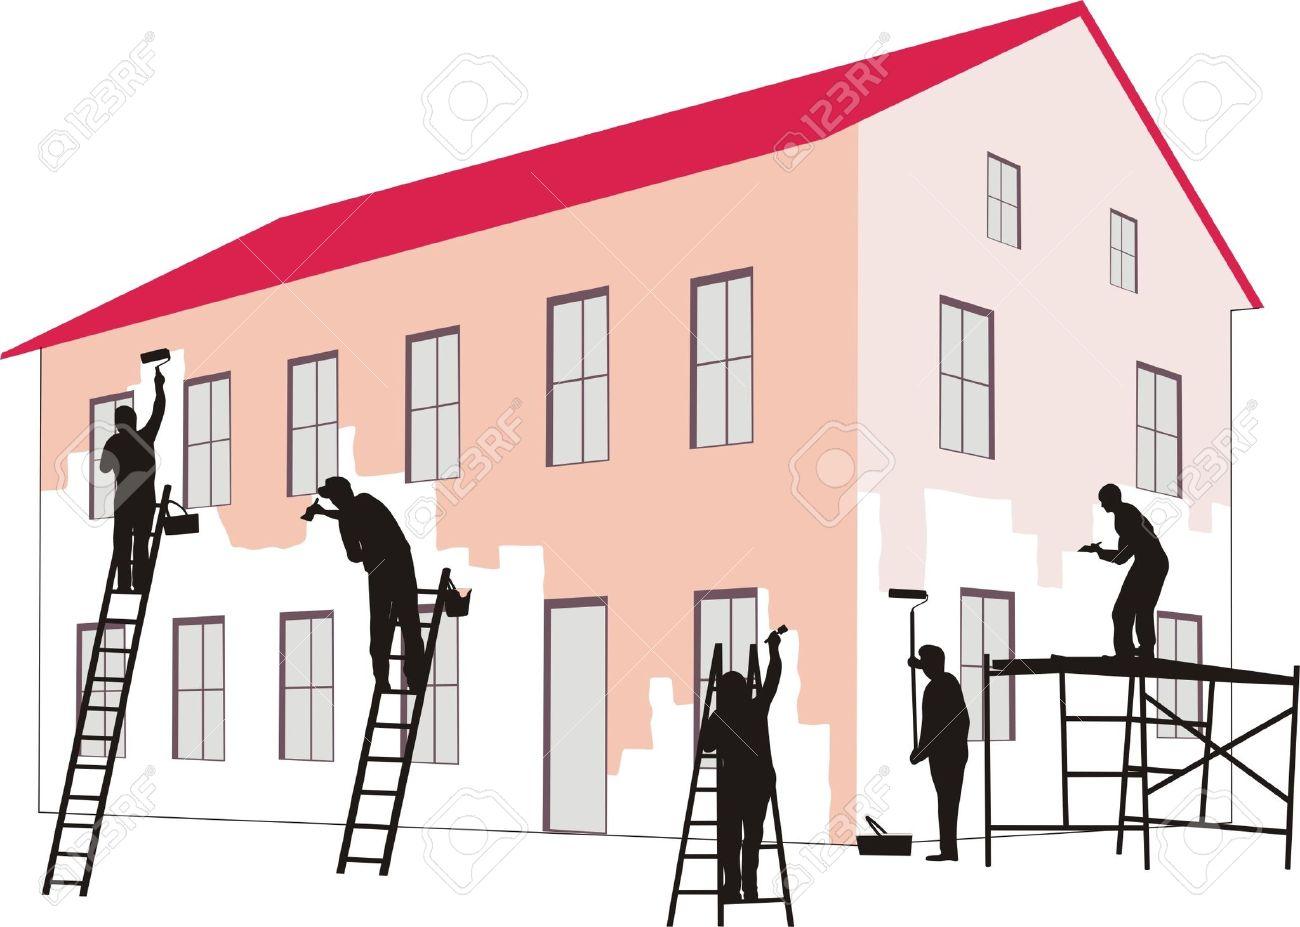 Gagnant promoters sunkadakatte bangalore. Buildings clipart painter